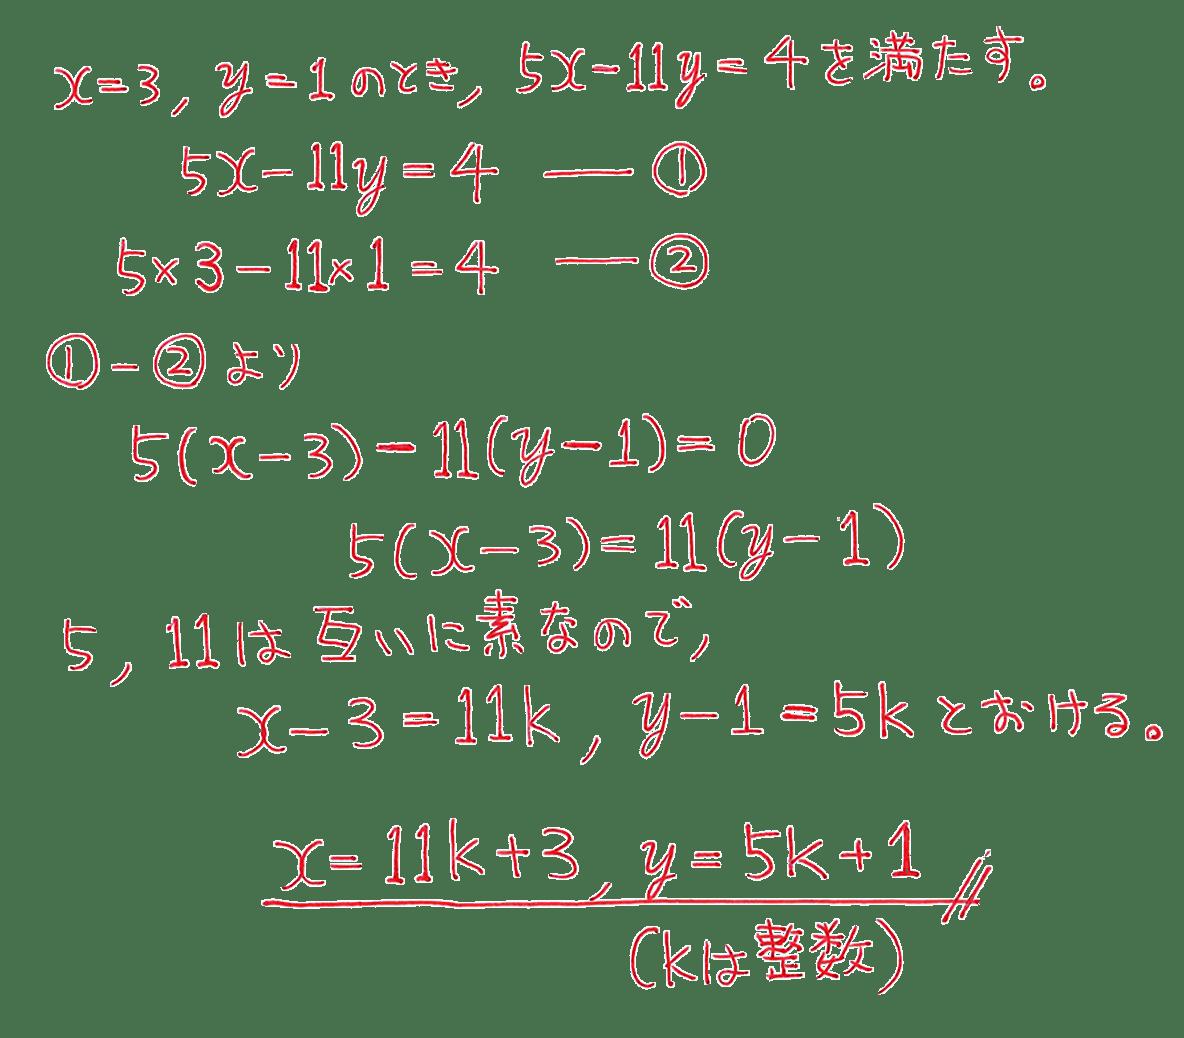 高校数学A 整数の性質32 練習の答え